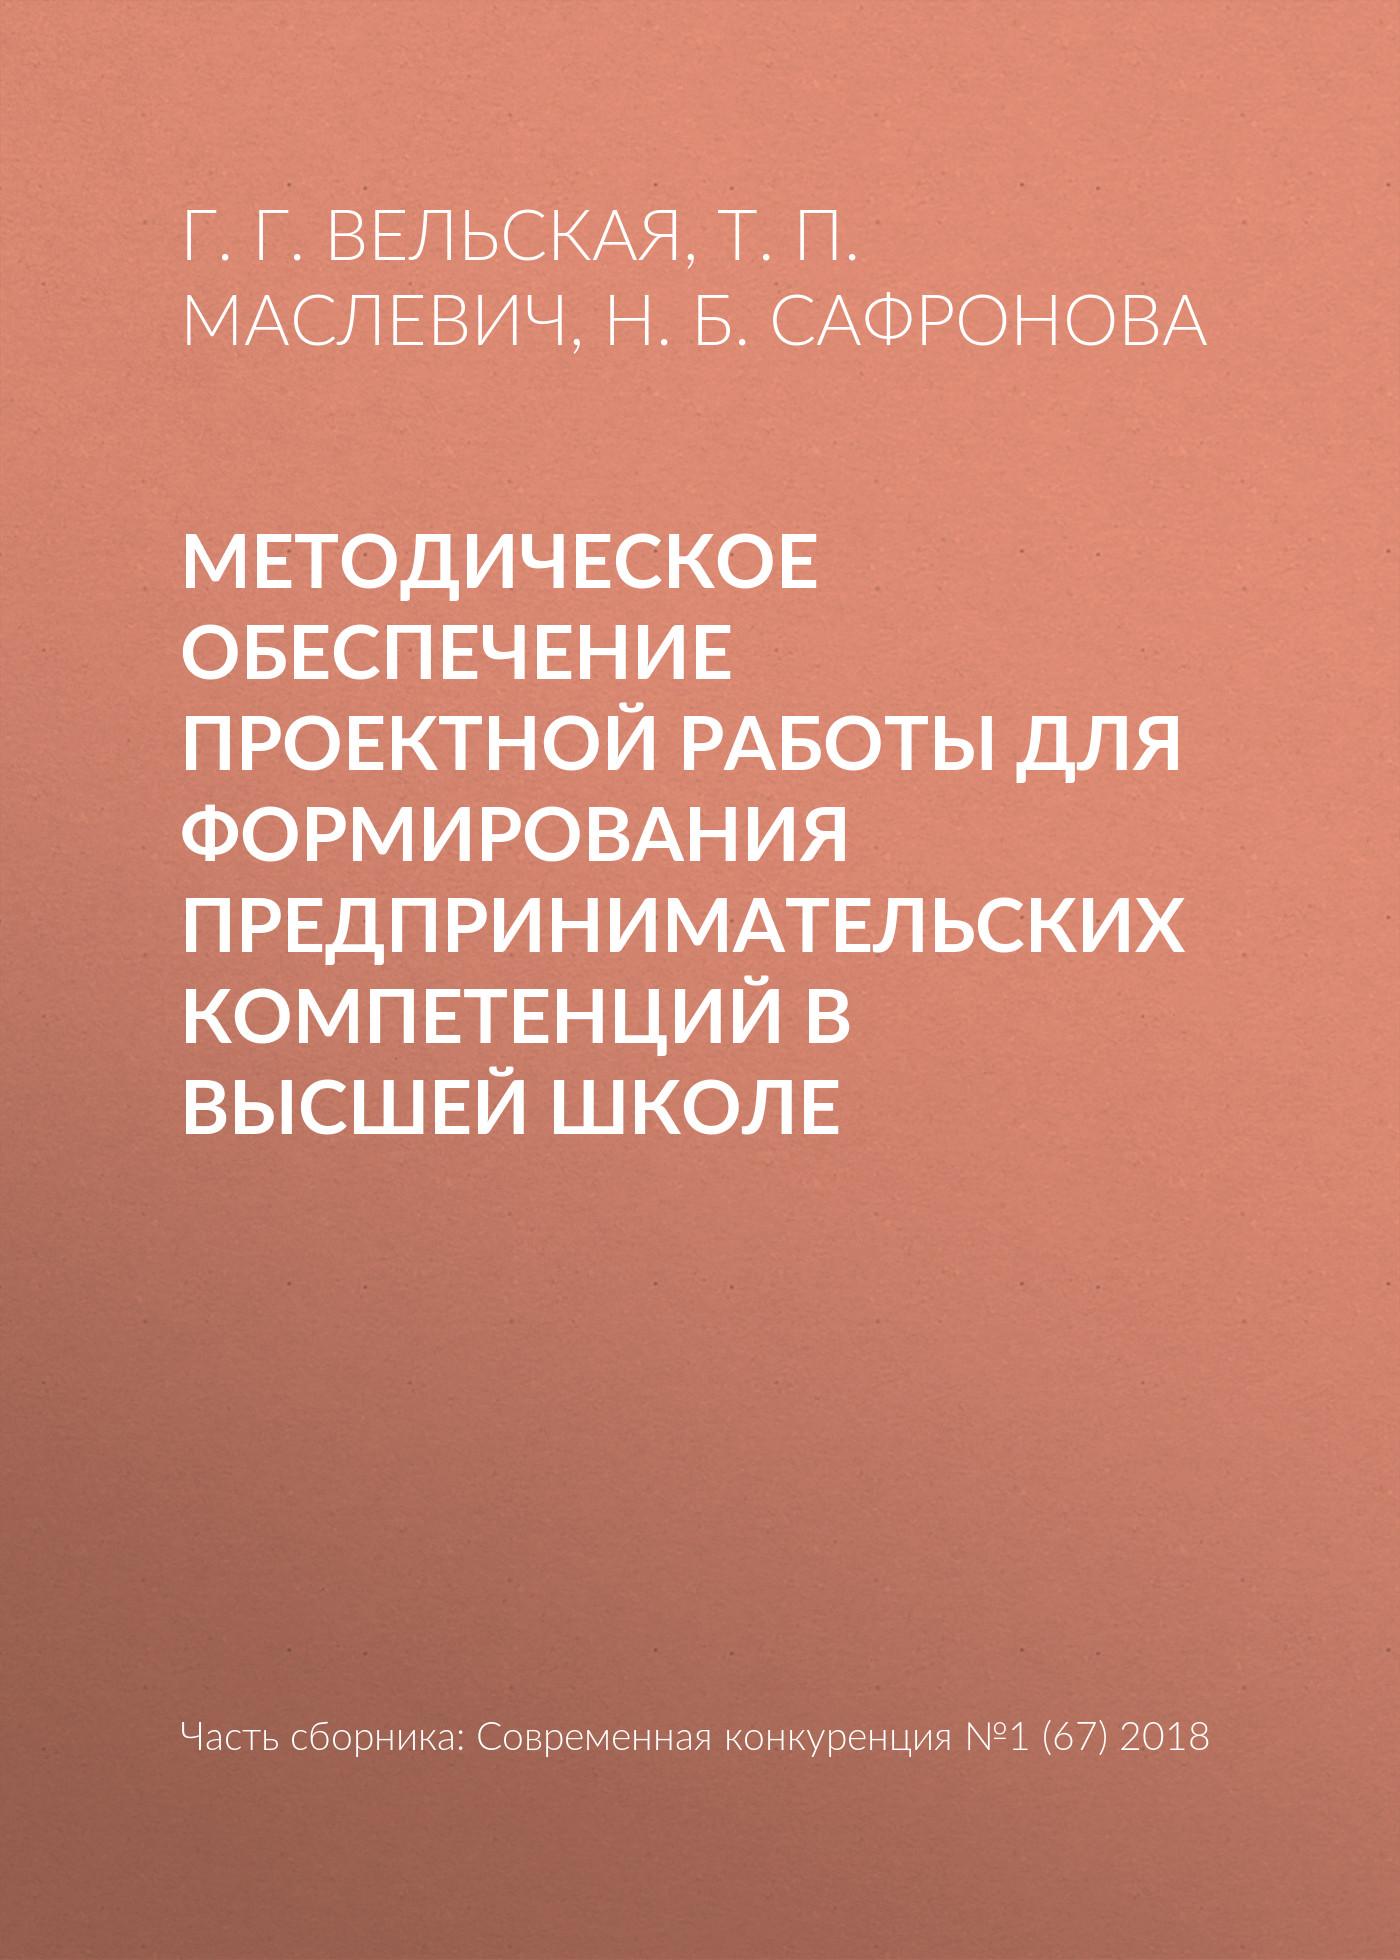 Н. Б. Сафронова Методическое обеспечение проектной работы для формирования предпринимательских компетенций в высшей школе